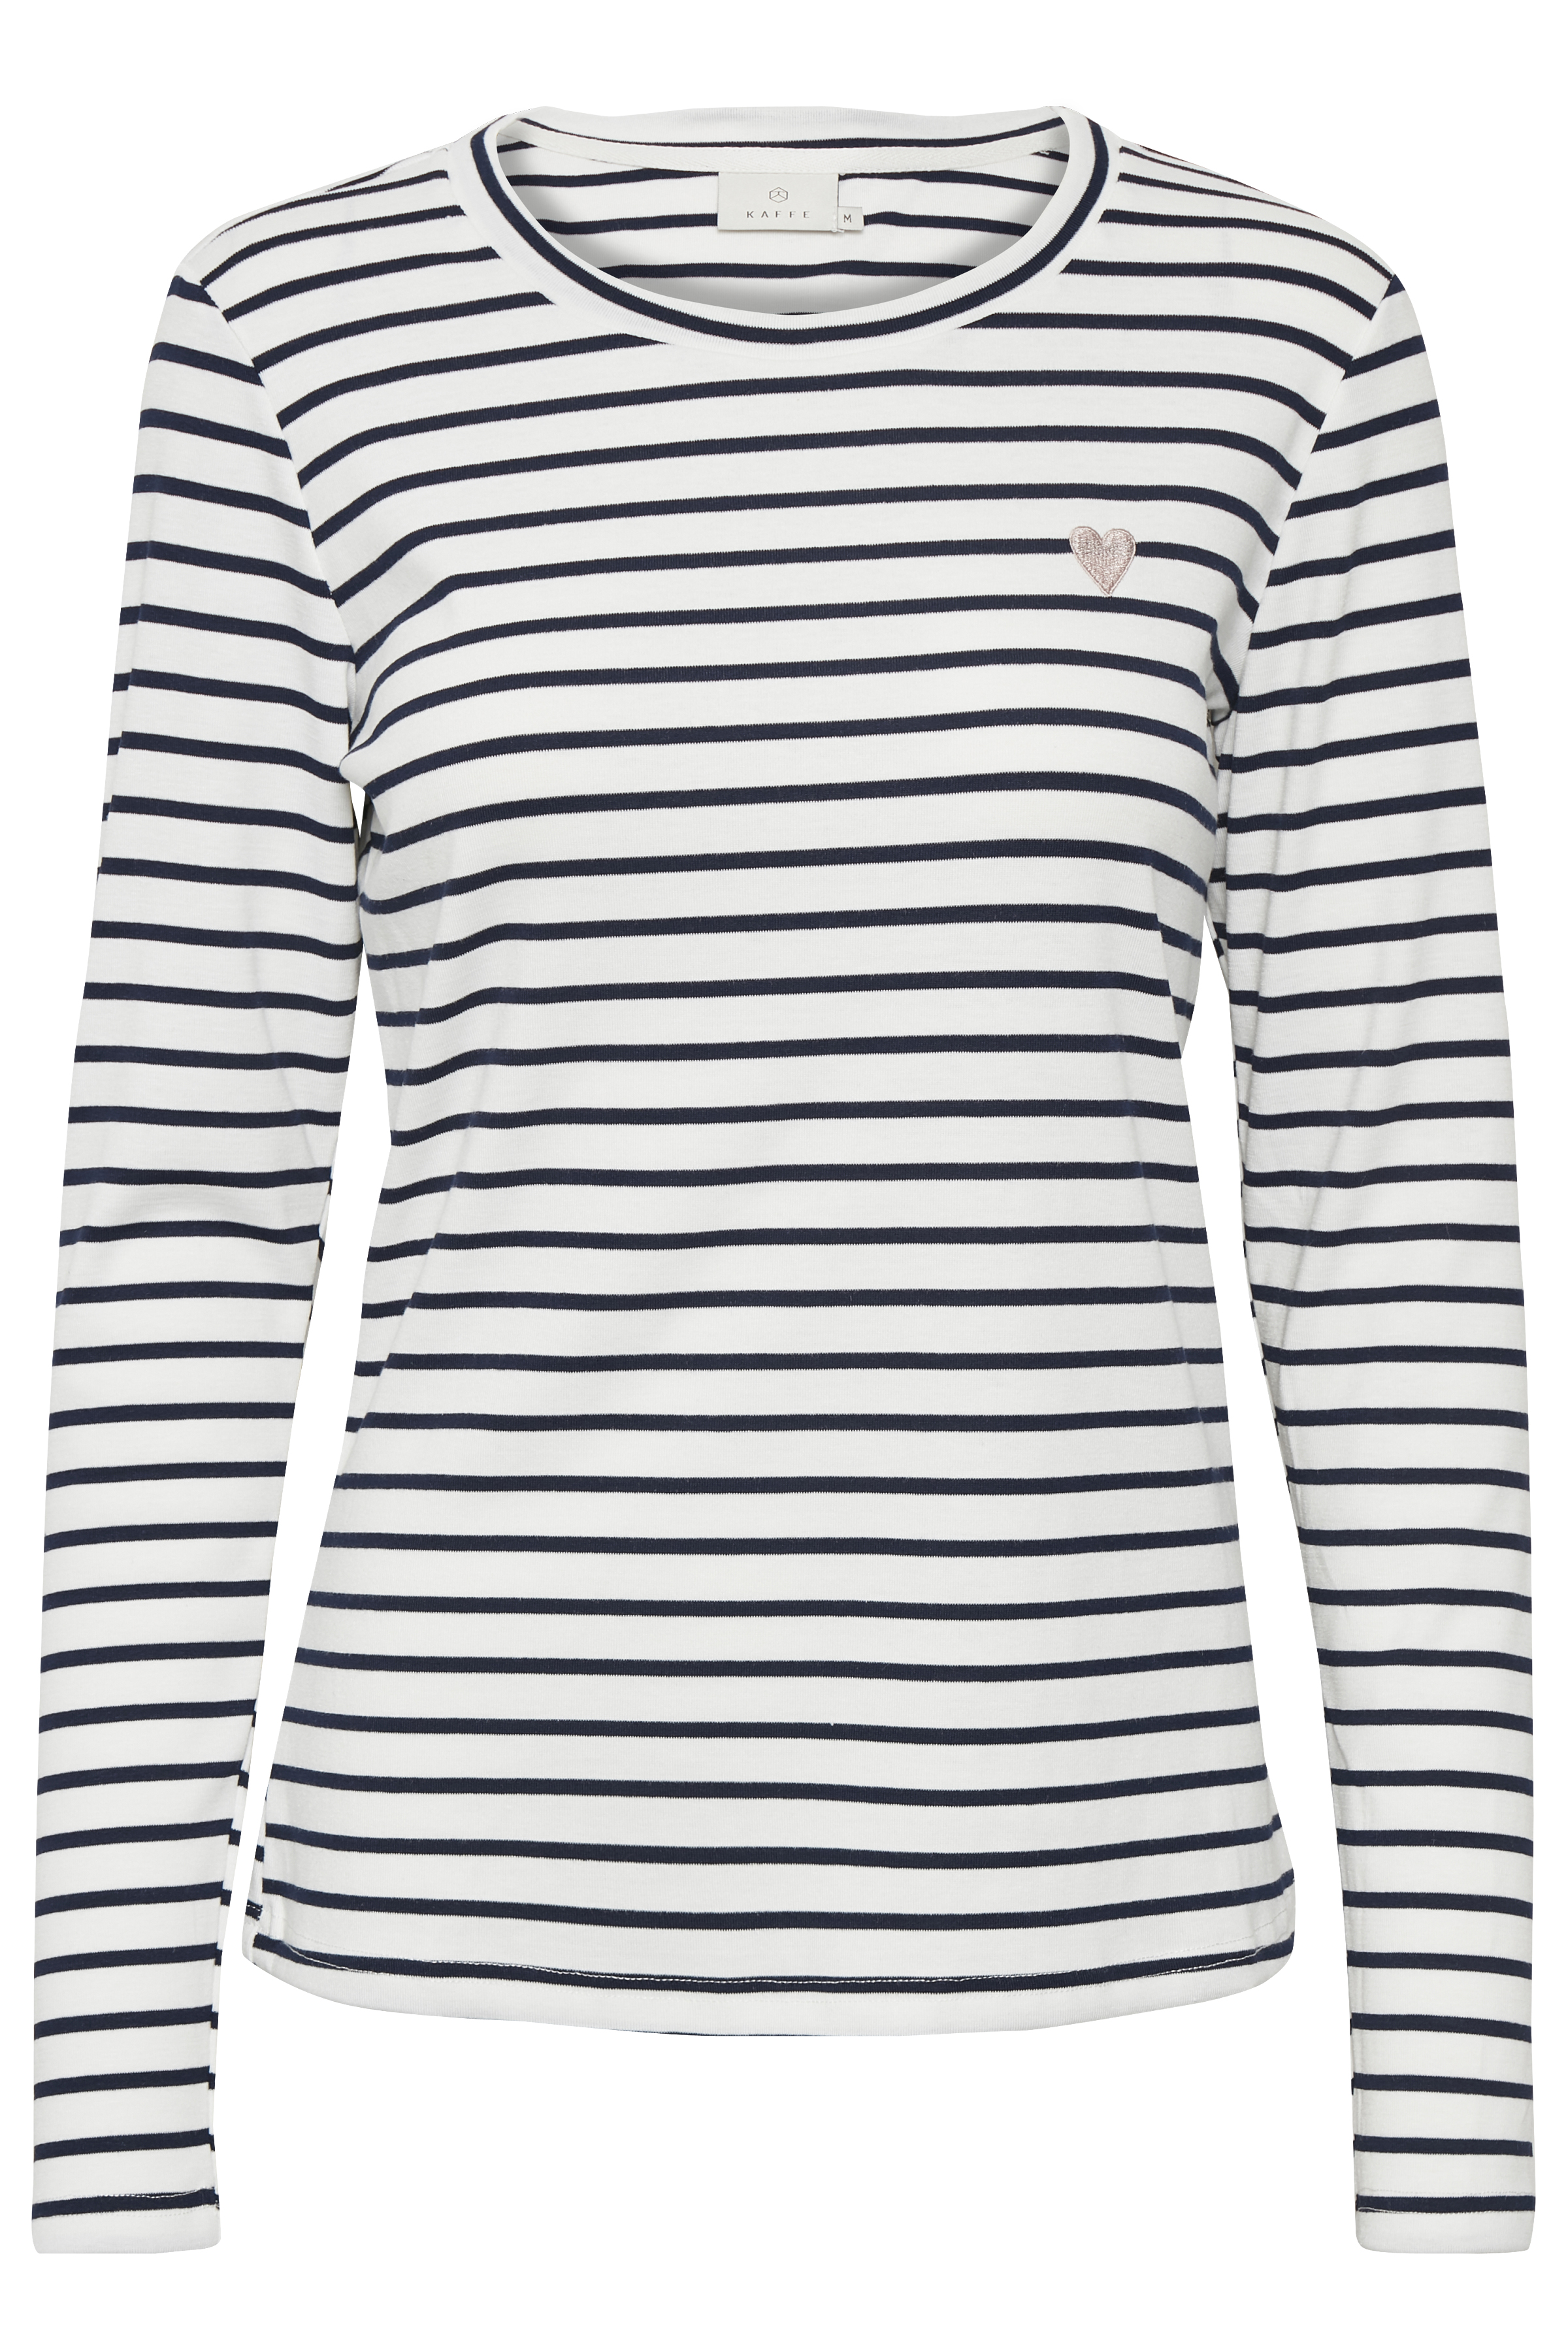 Off-white/marineblå